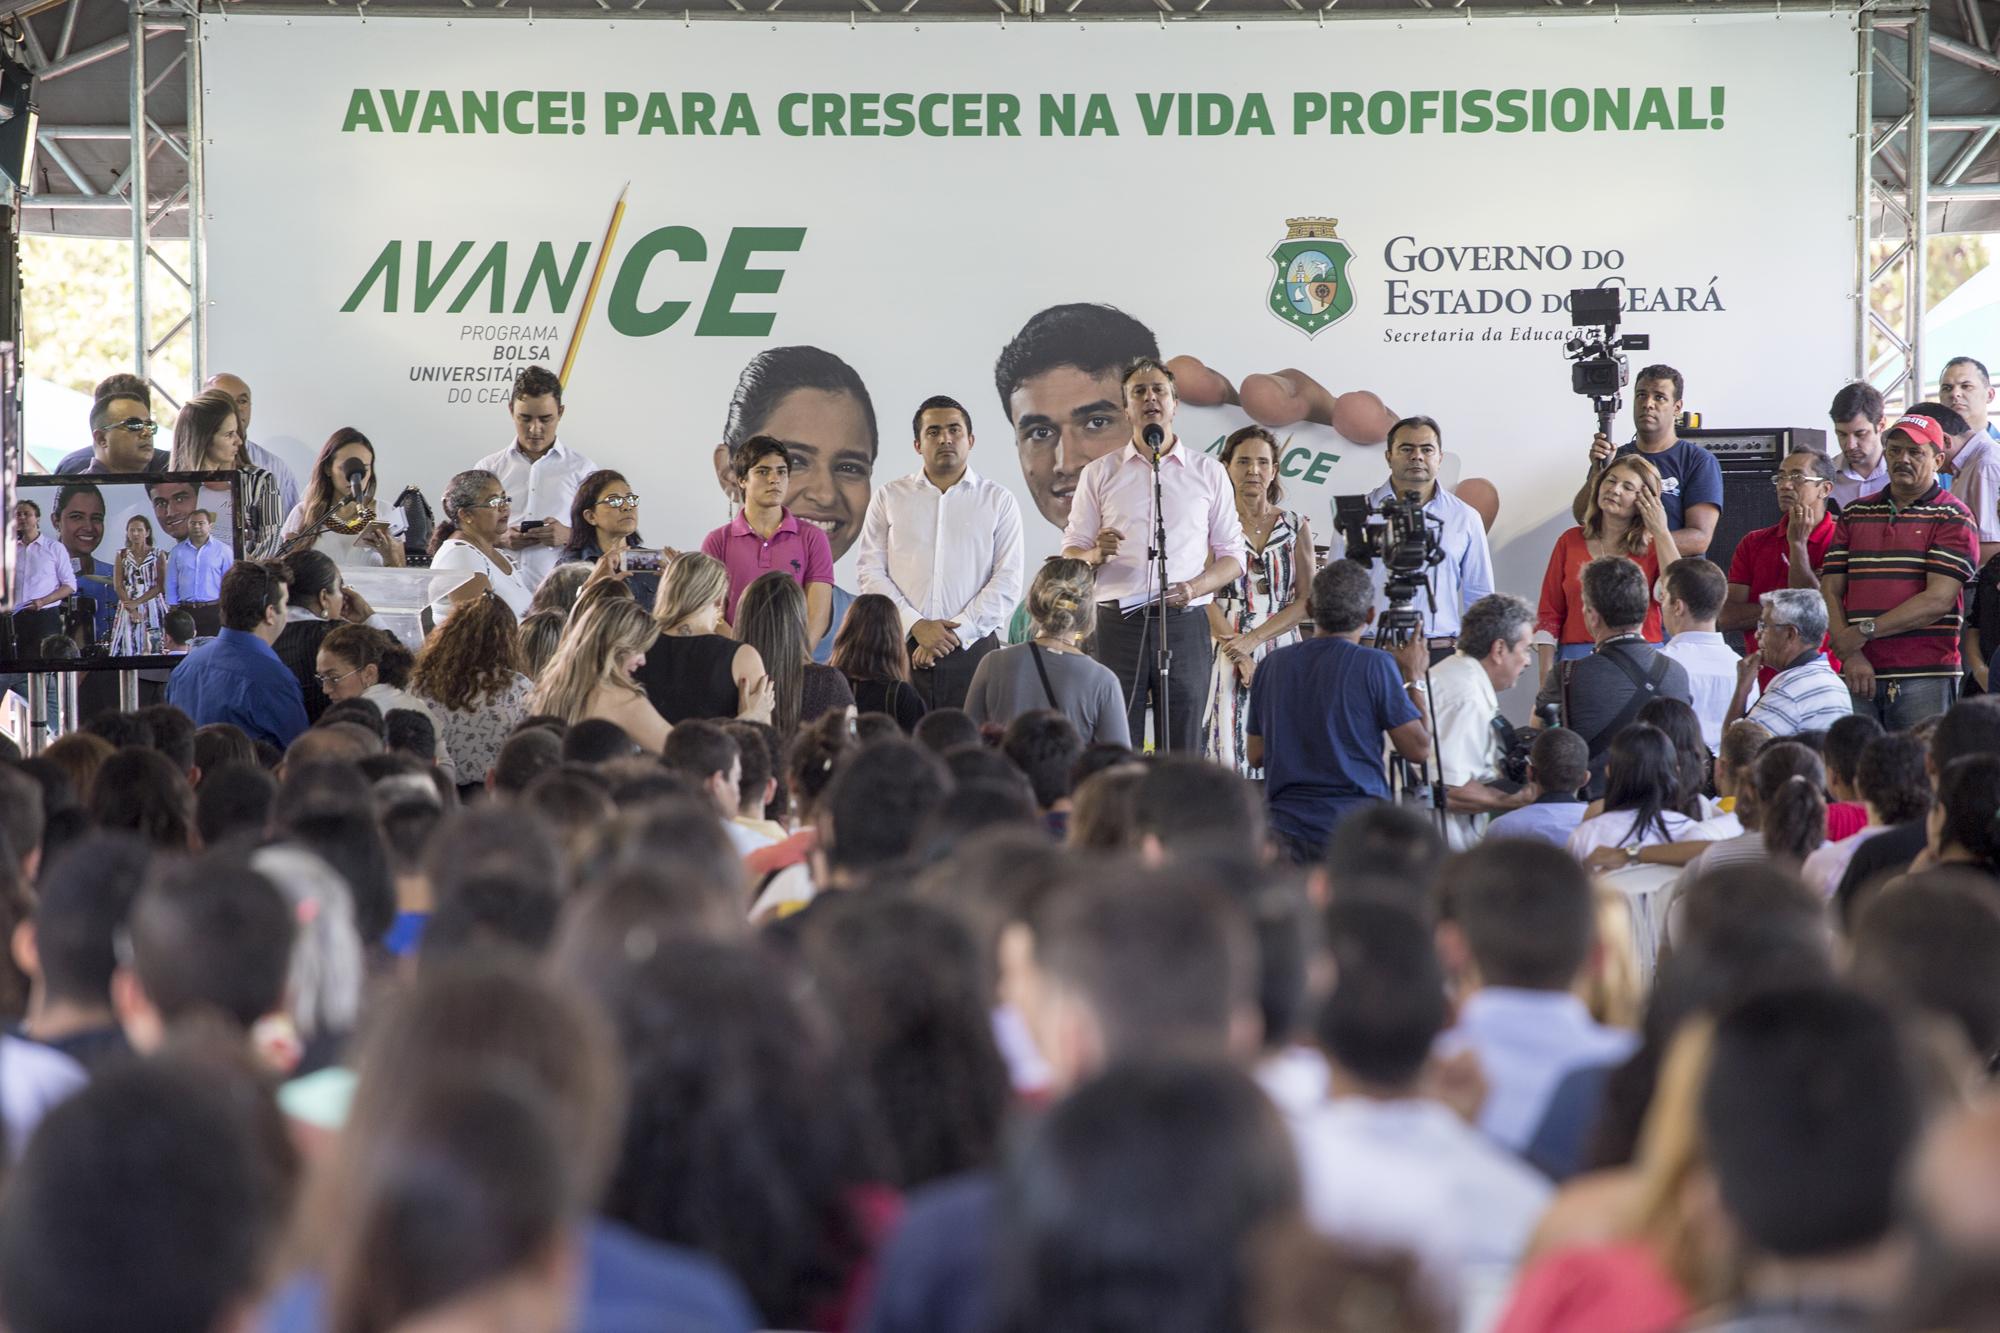 Governo do Ceará divulga alunos selecionados para receber bolsa do Programa AvanCE